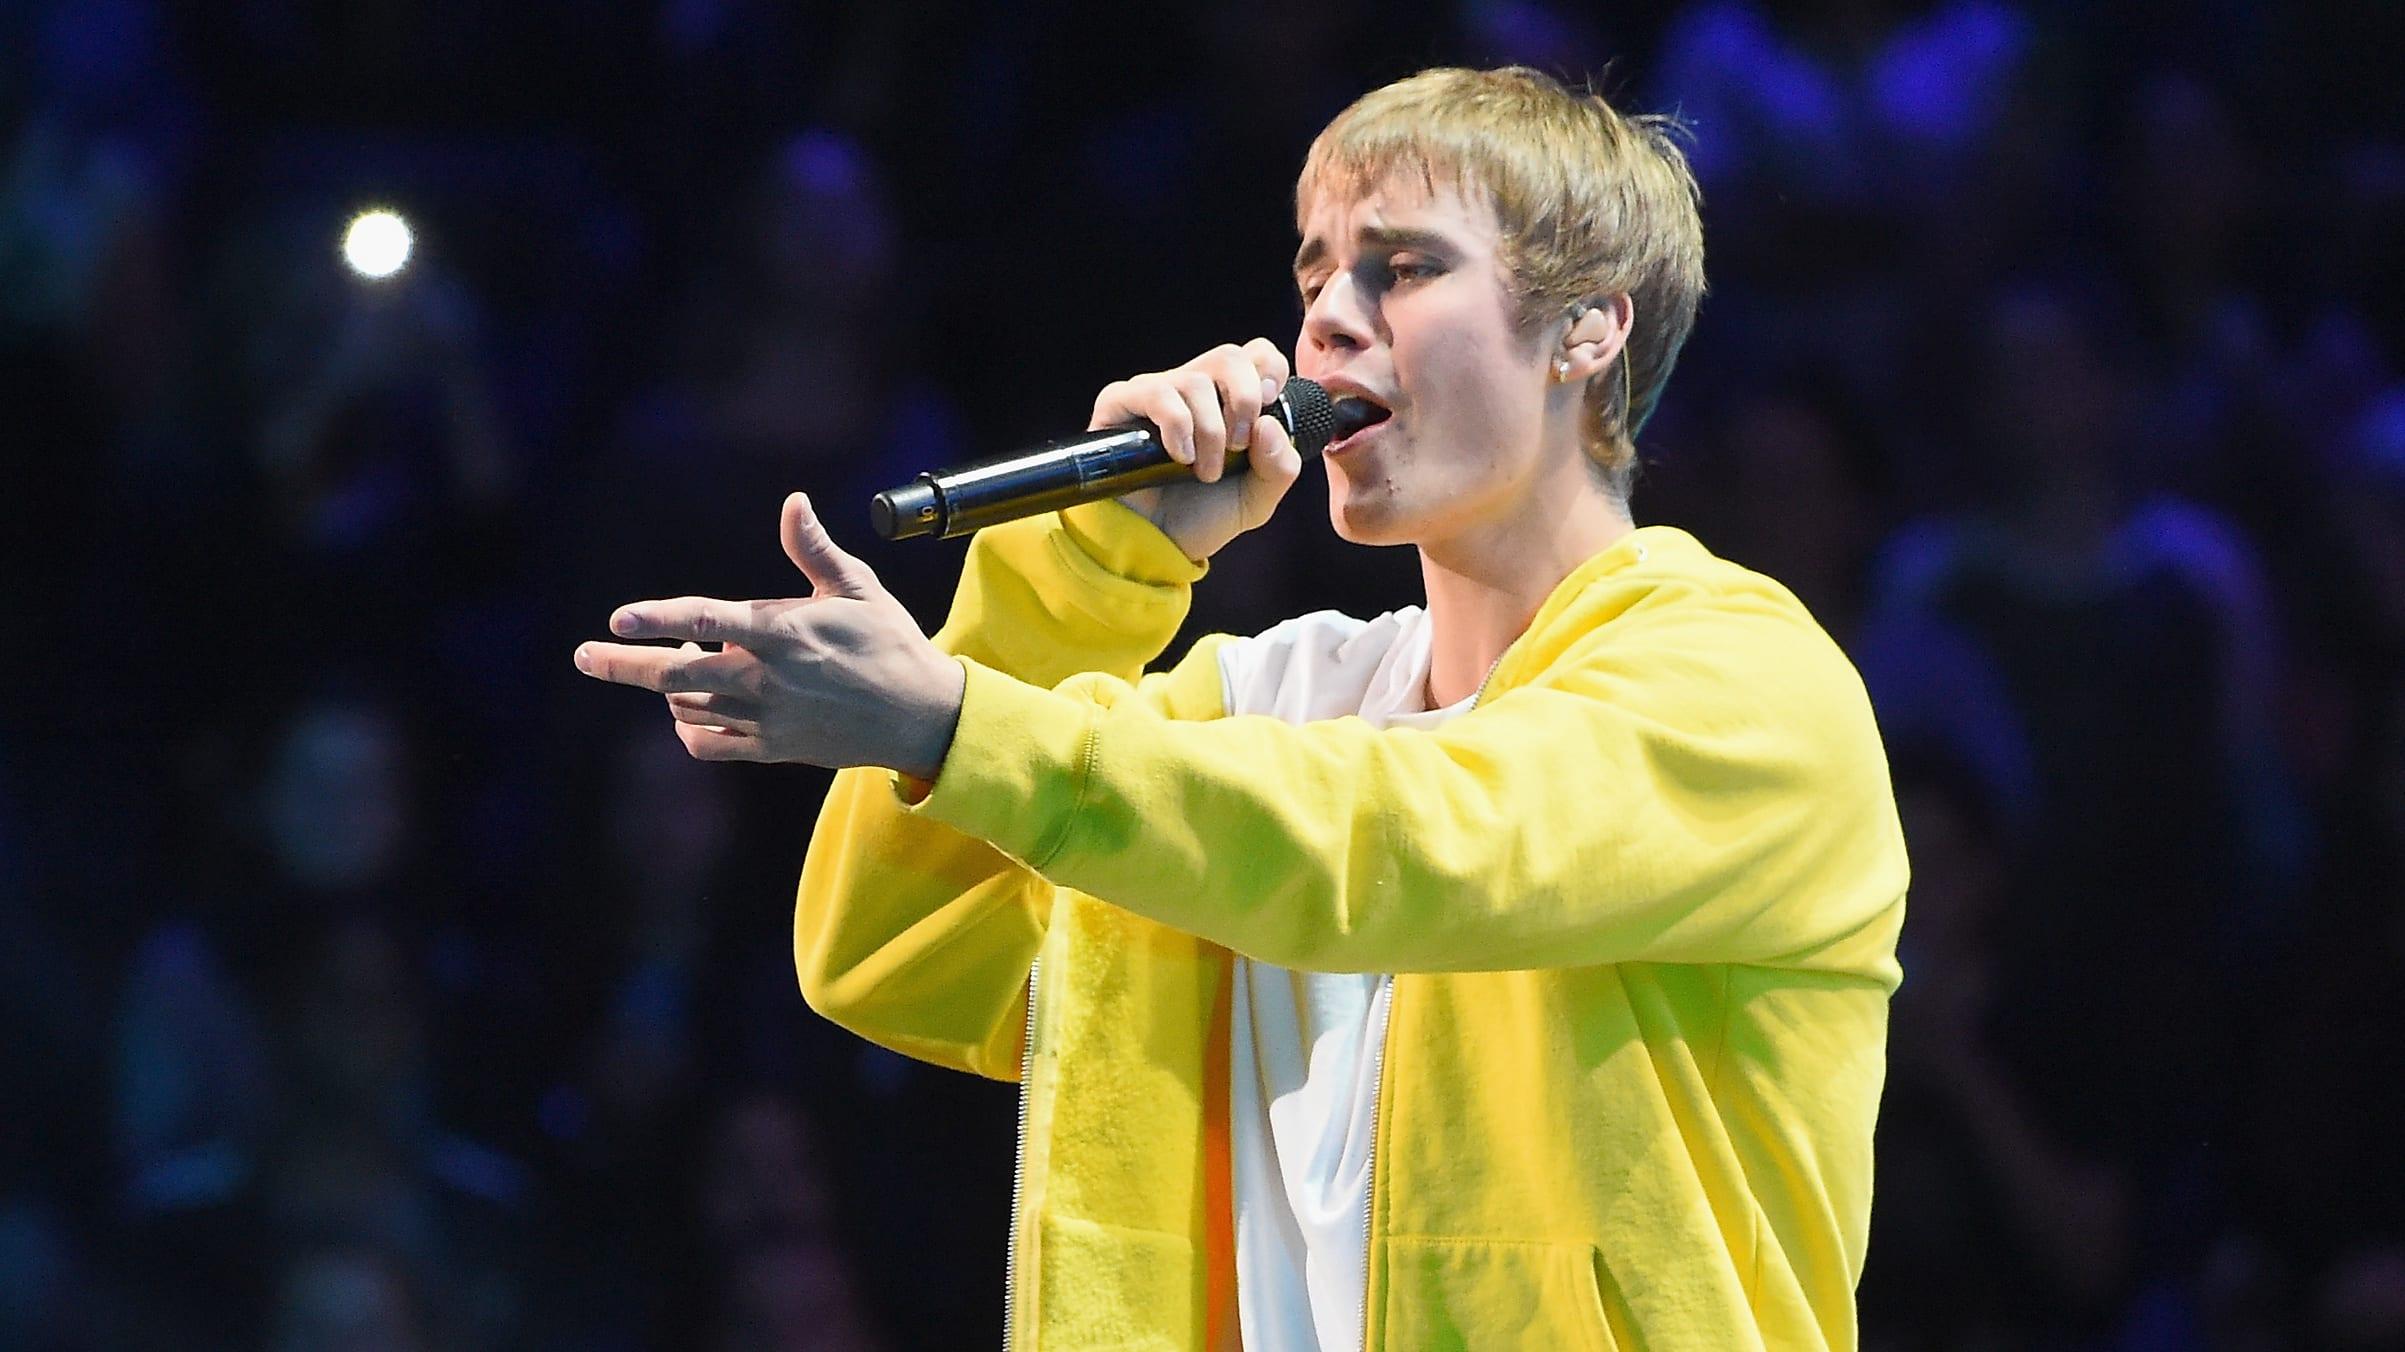 Justin Bieber regresa a la música con tema junto a Ariana Grande, Shawn Mendes y Miley Cyrus